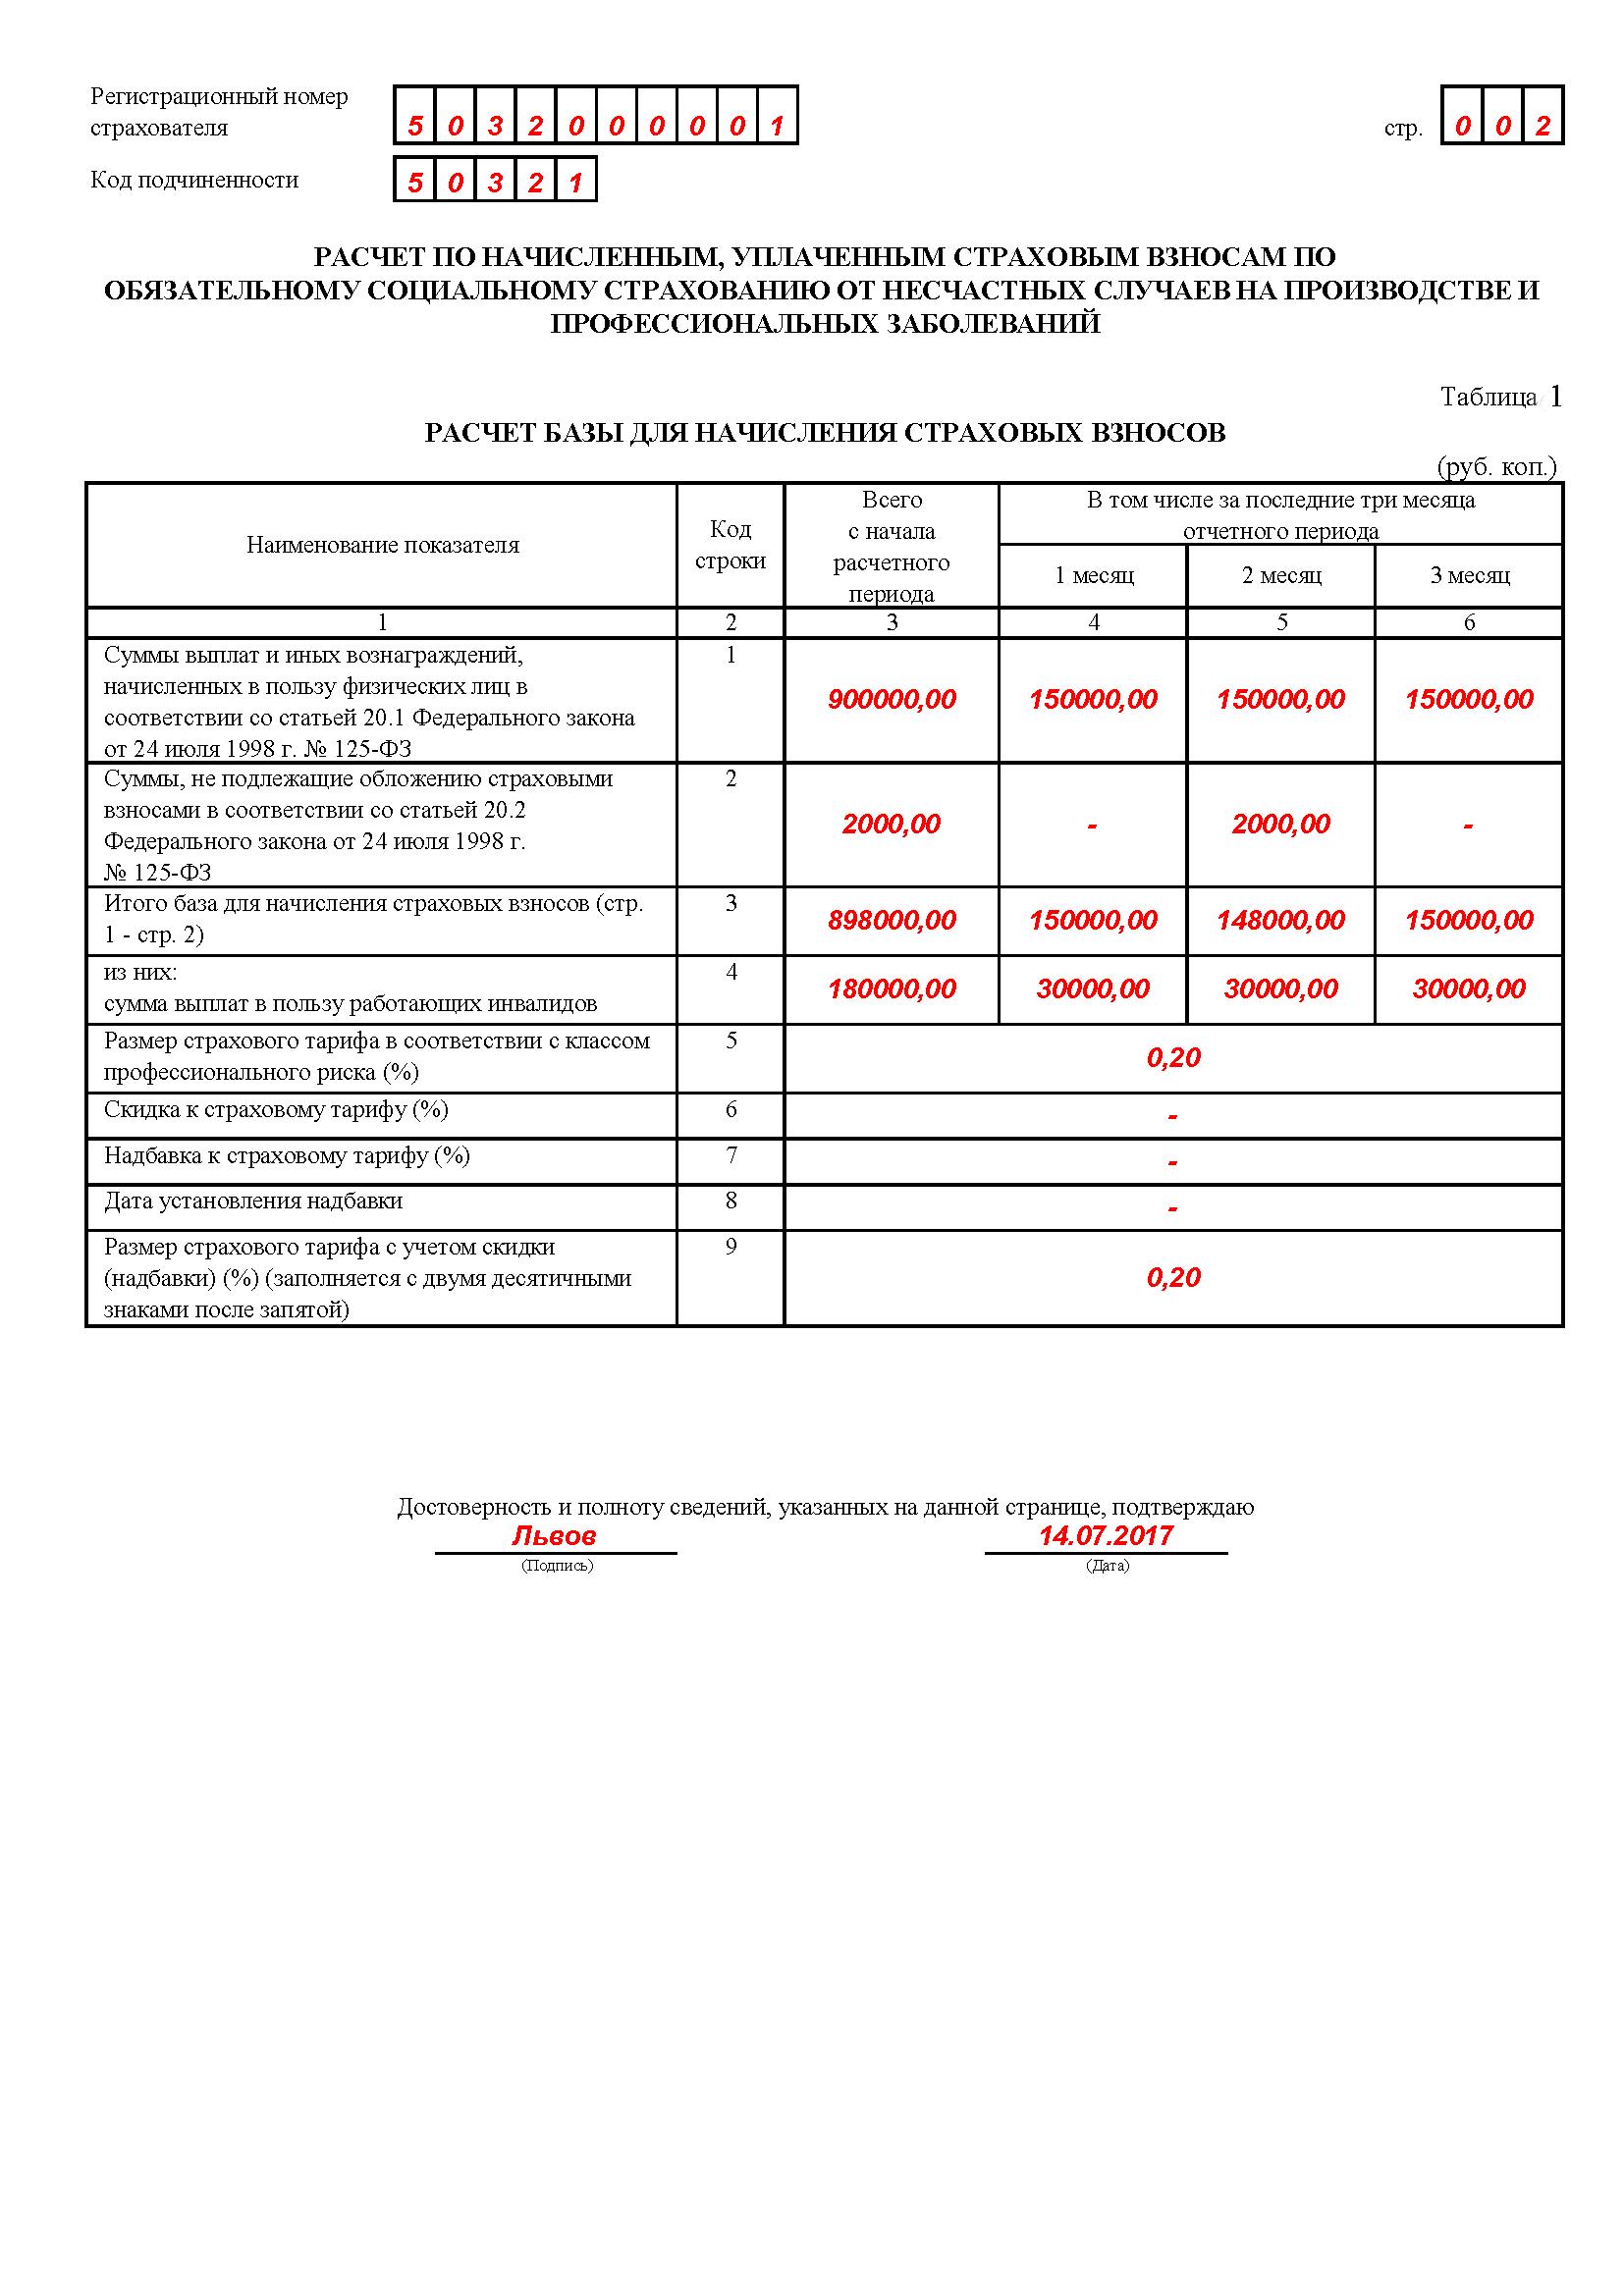 бланк формы 26 2 1